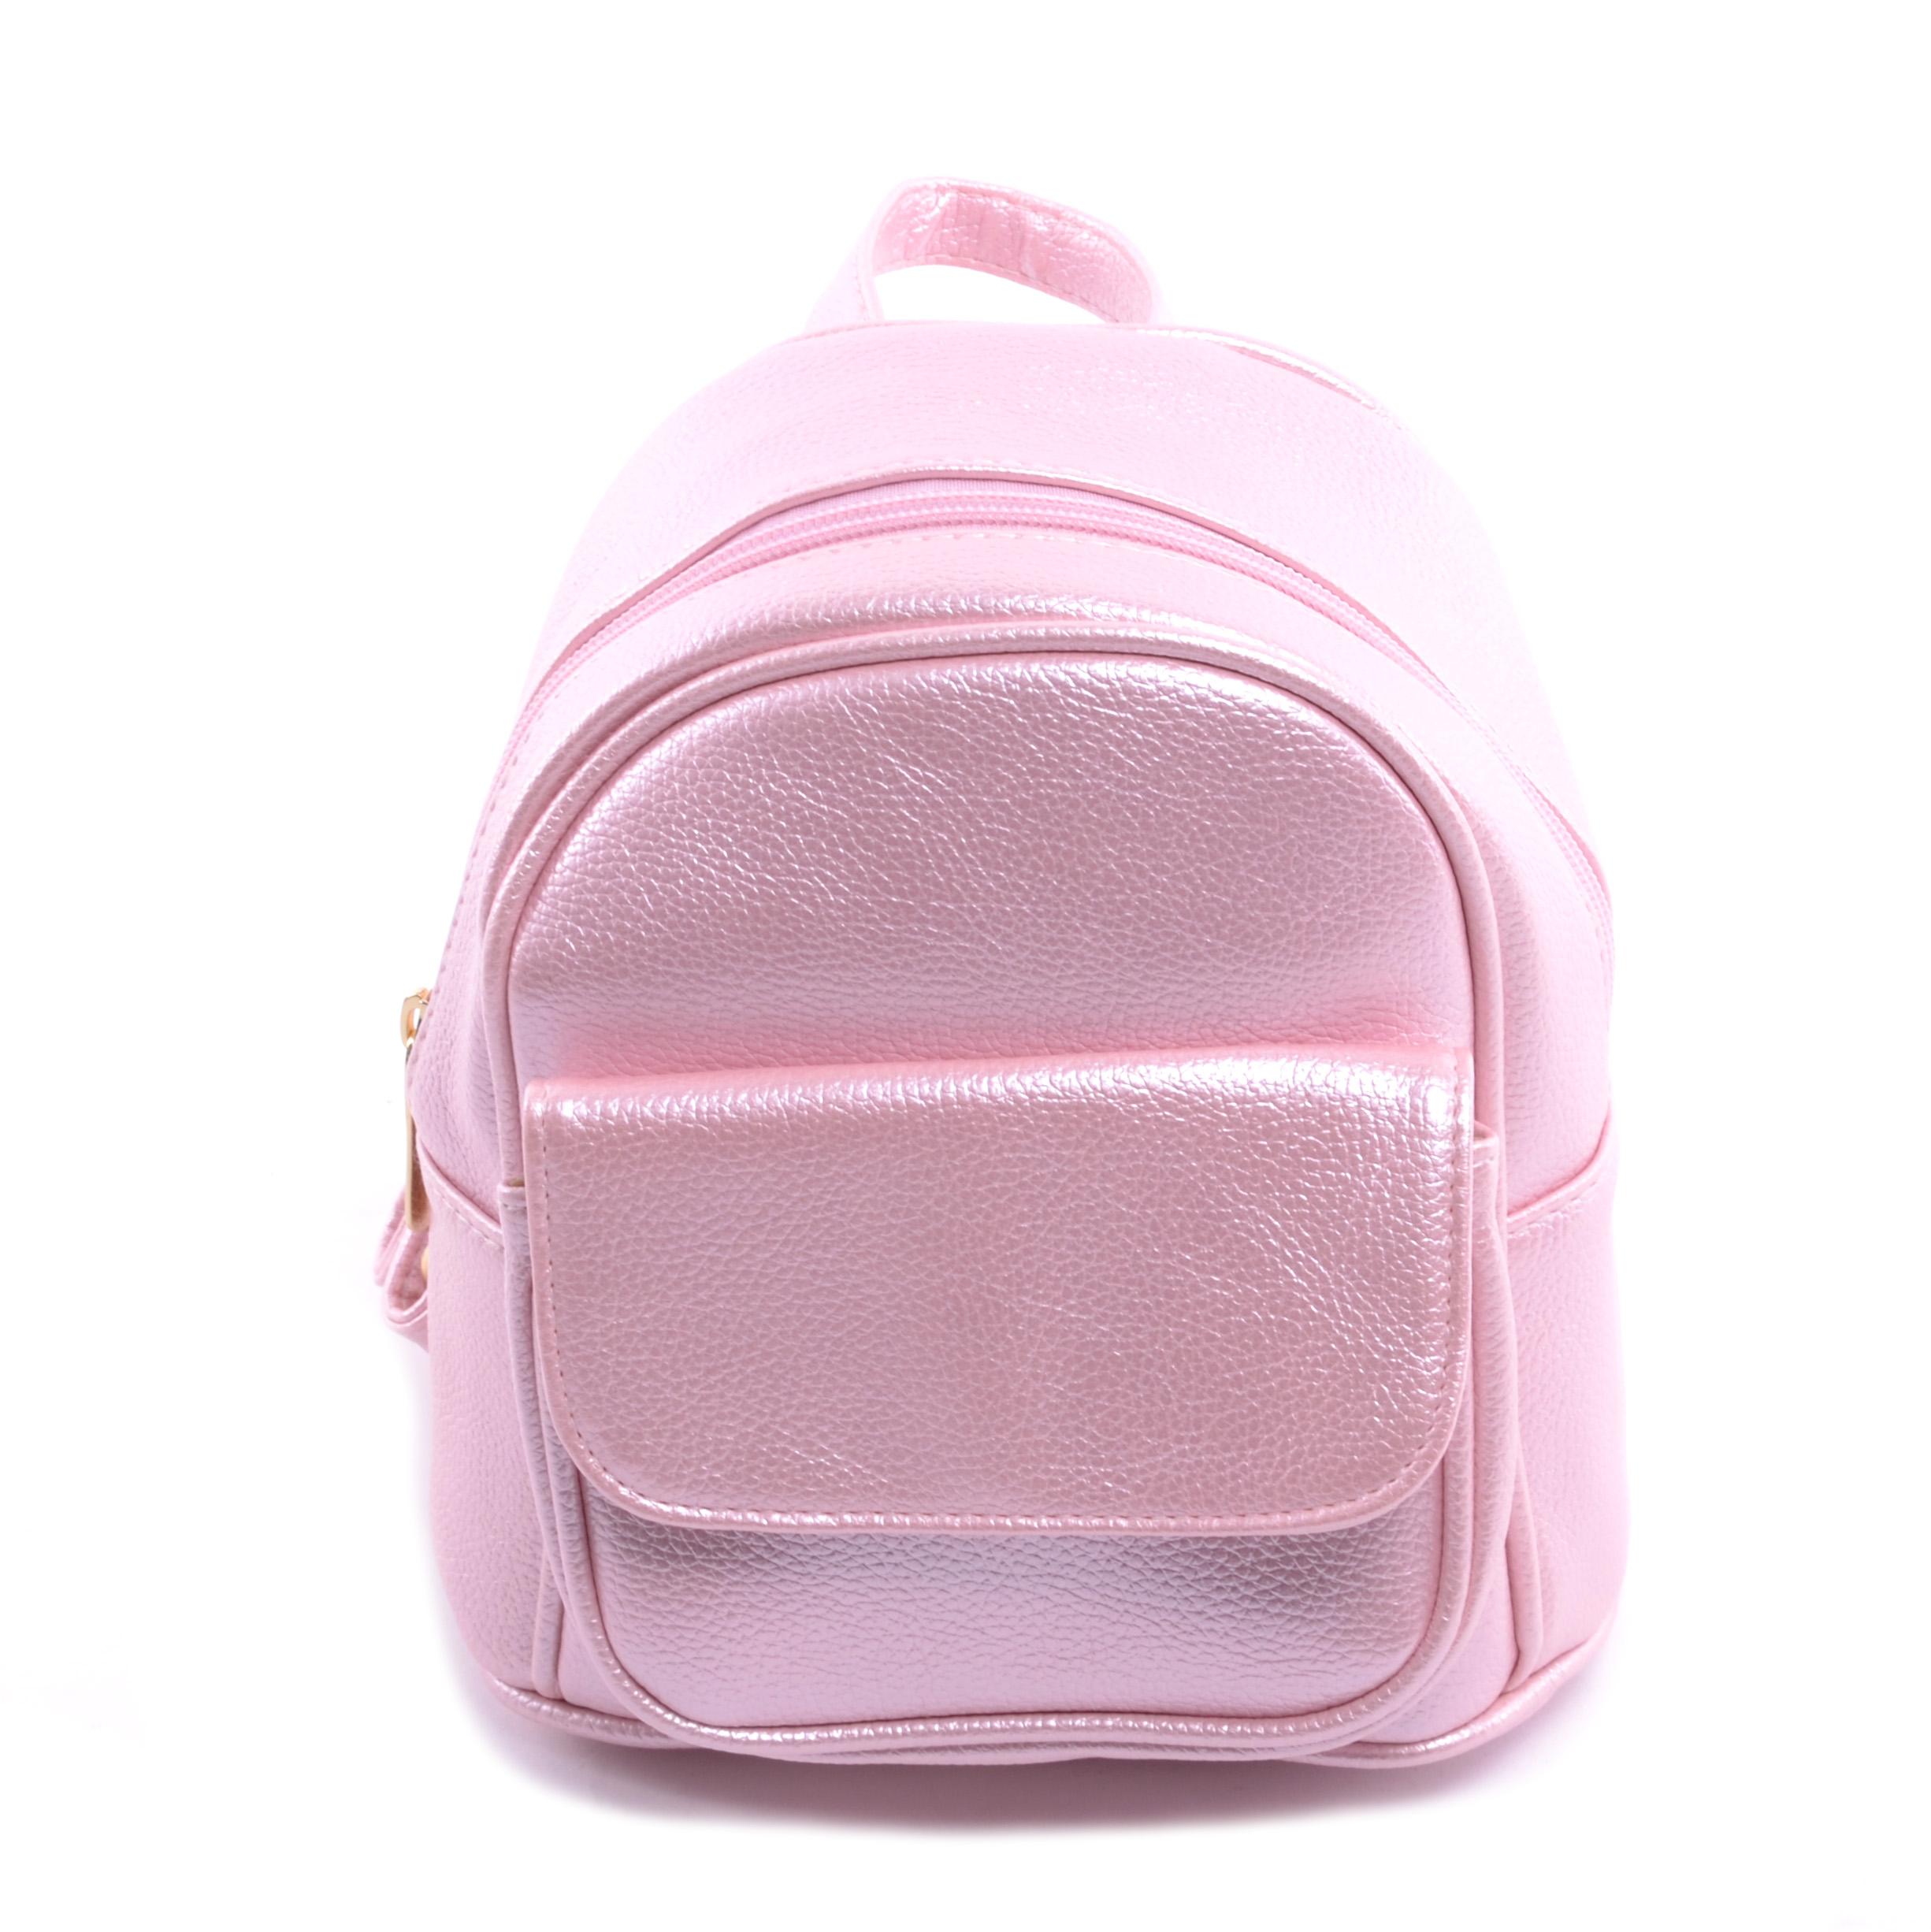 Rózsaszín Kis Méretű Női Műbőr Hátizsák - Műbőr - Táska webáruház - Minőségi  táskák mindenkinek caa94f8dbc